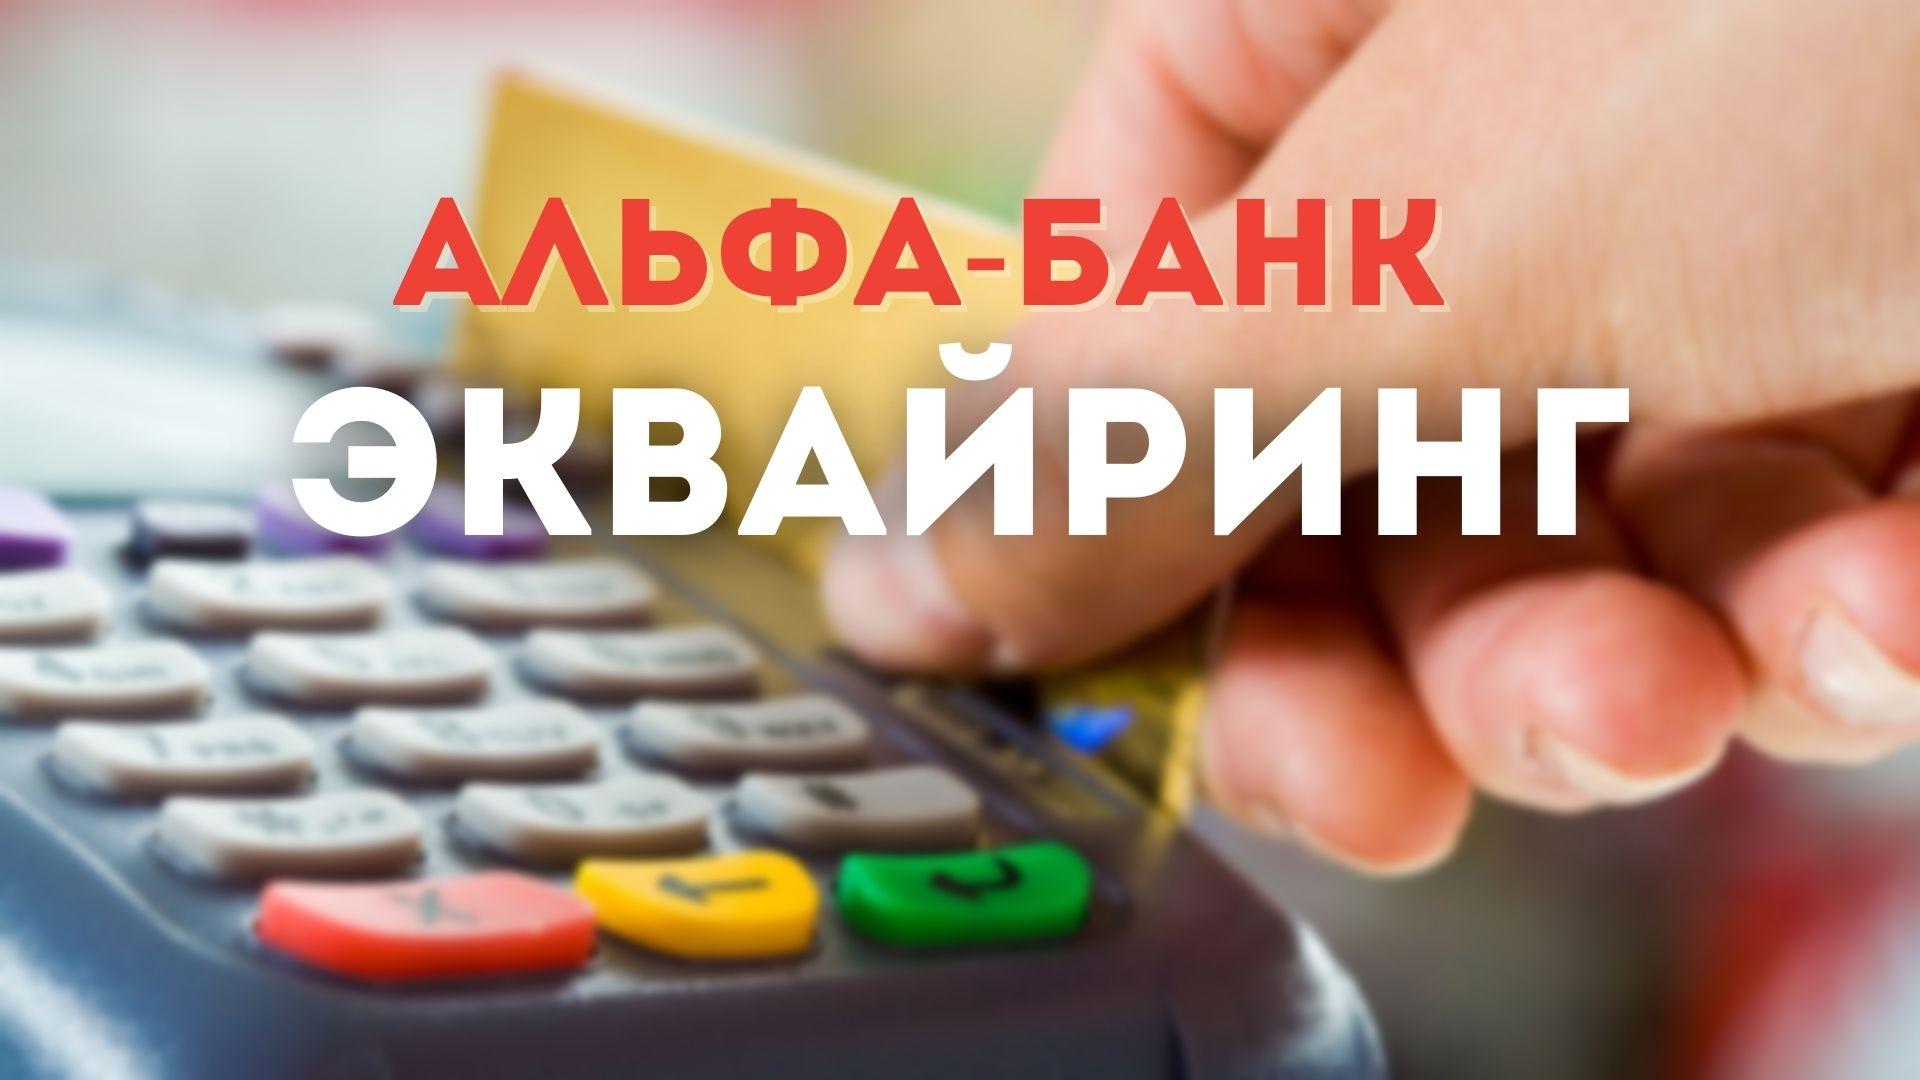 Эквайринг в Альфа-банке. Тарифы для ИП и ООО